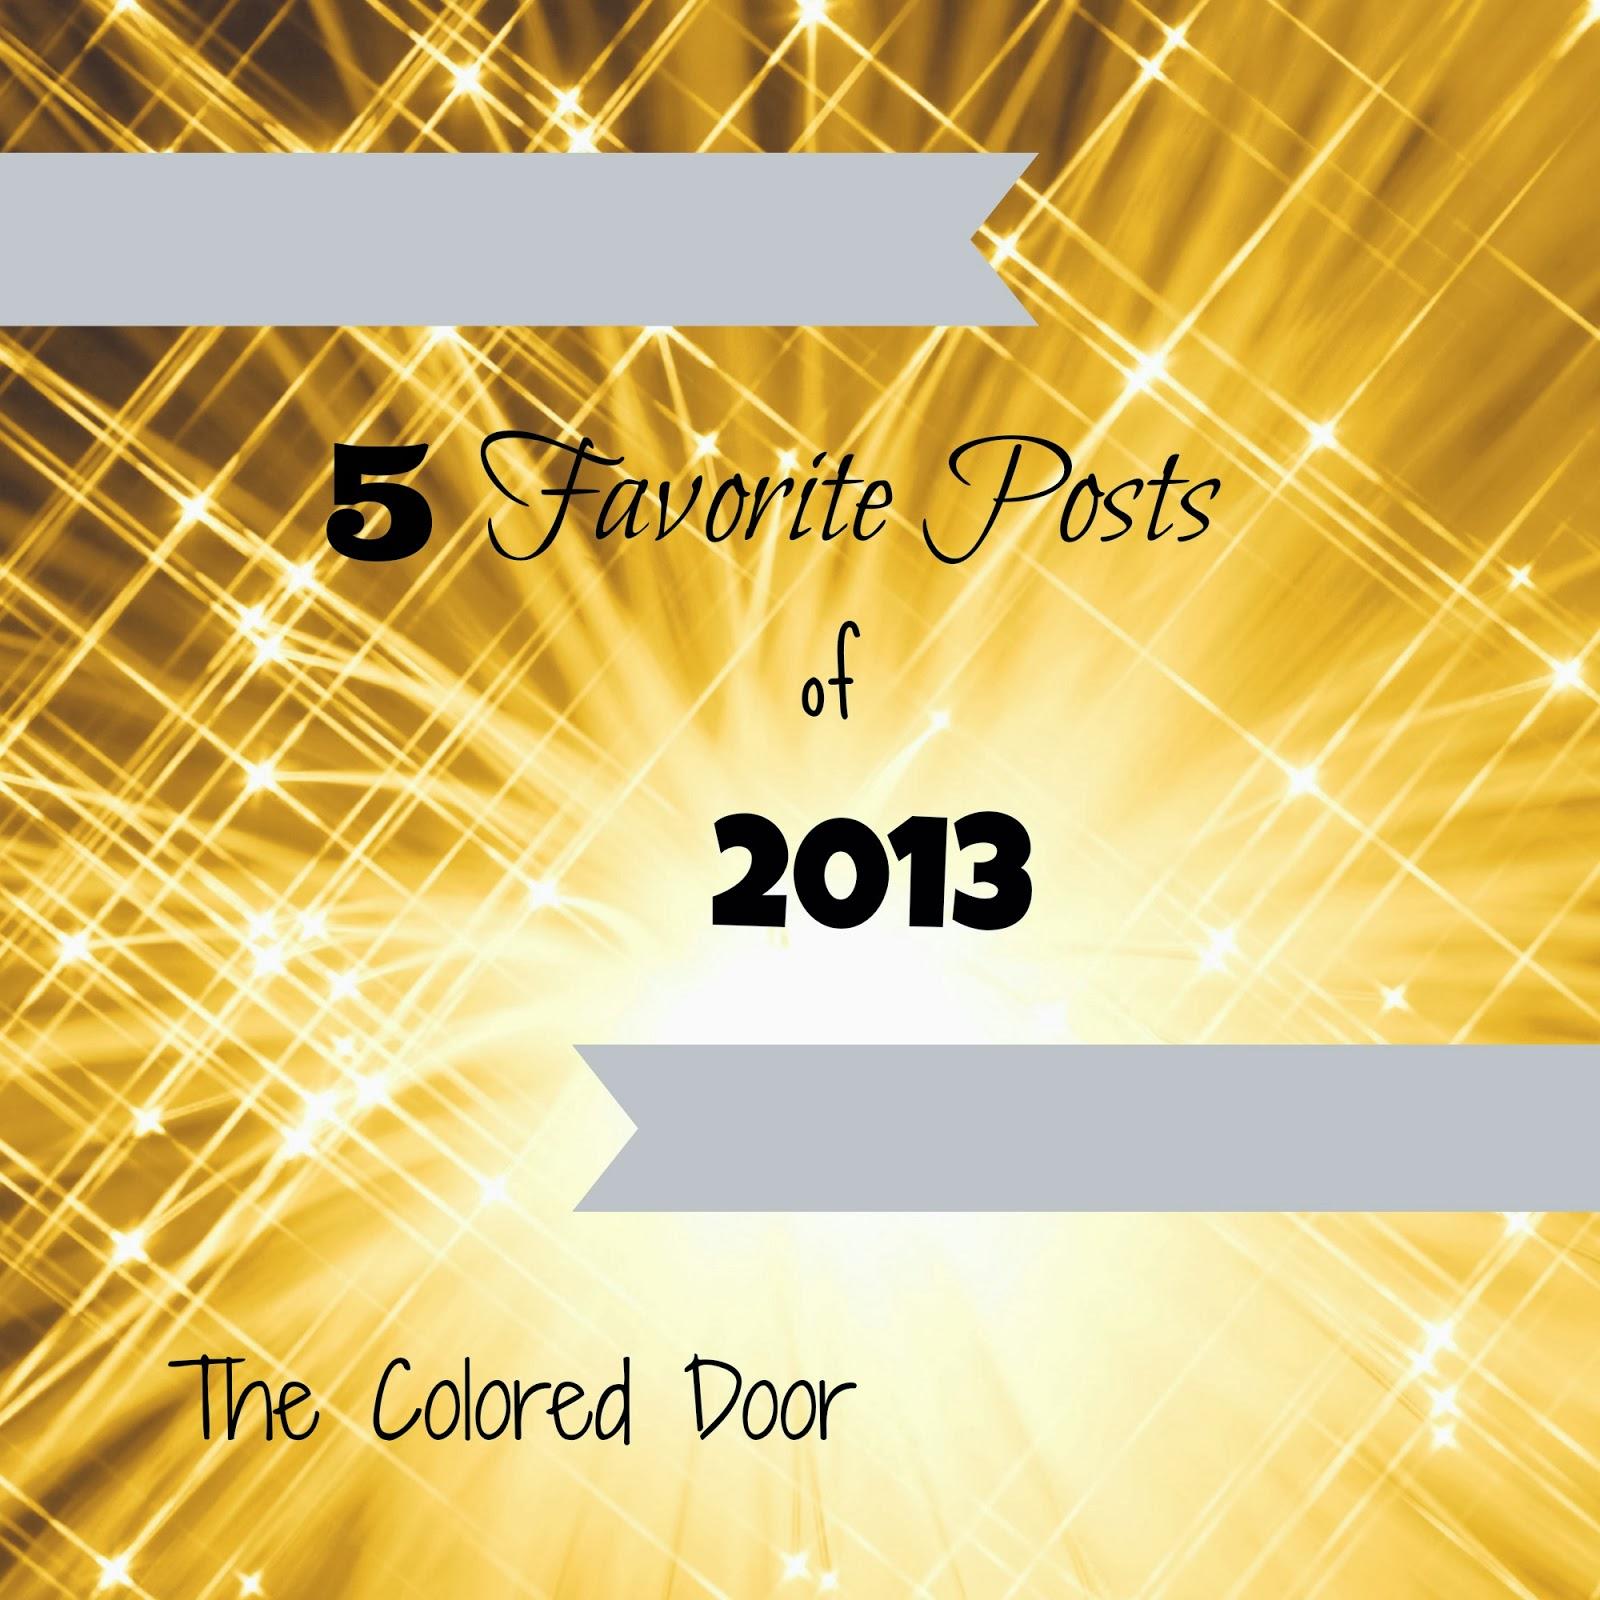 5 favorite posts of 2013 - the colored door